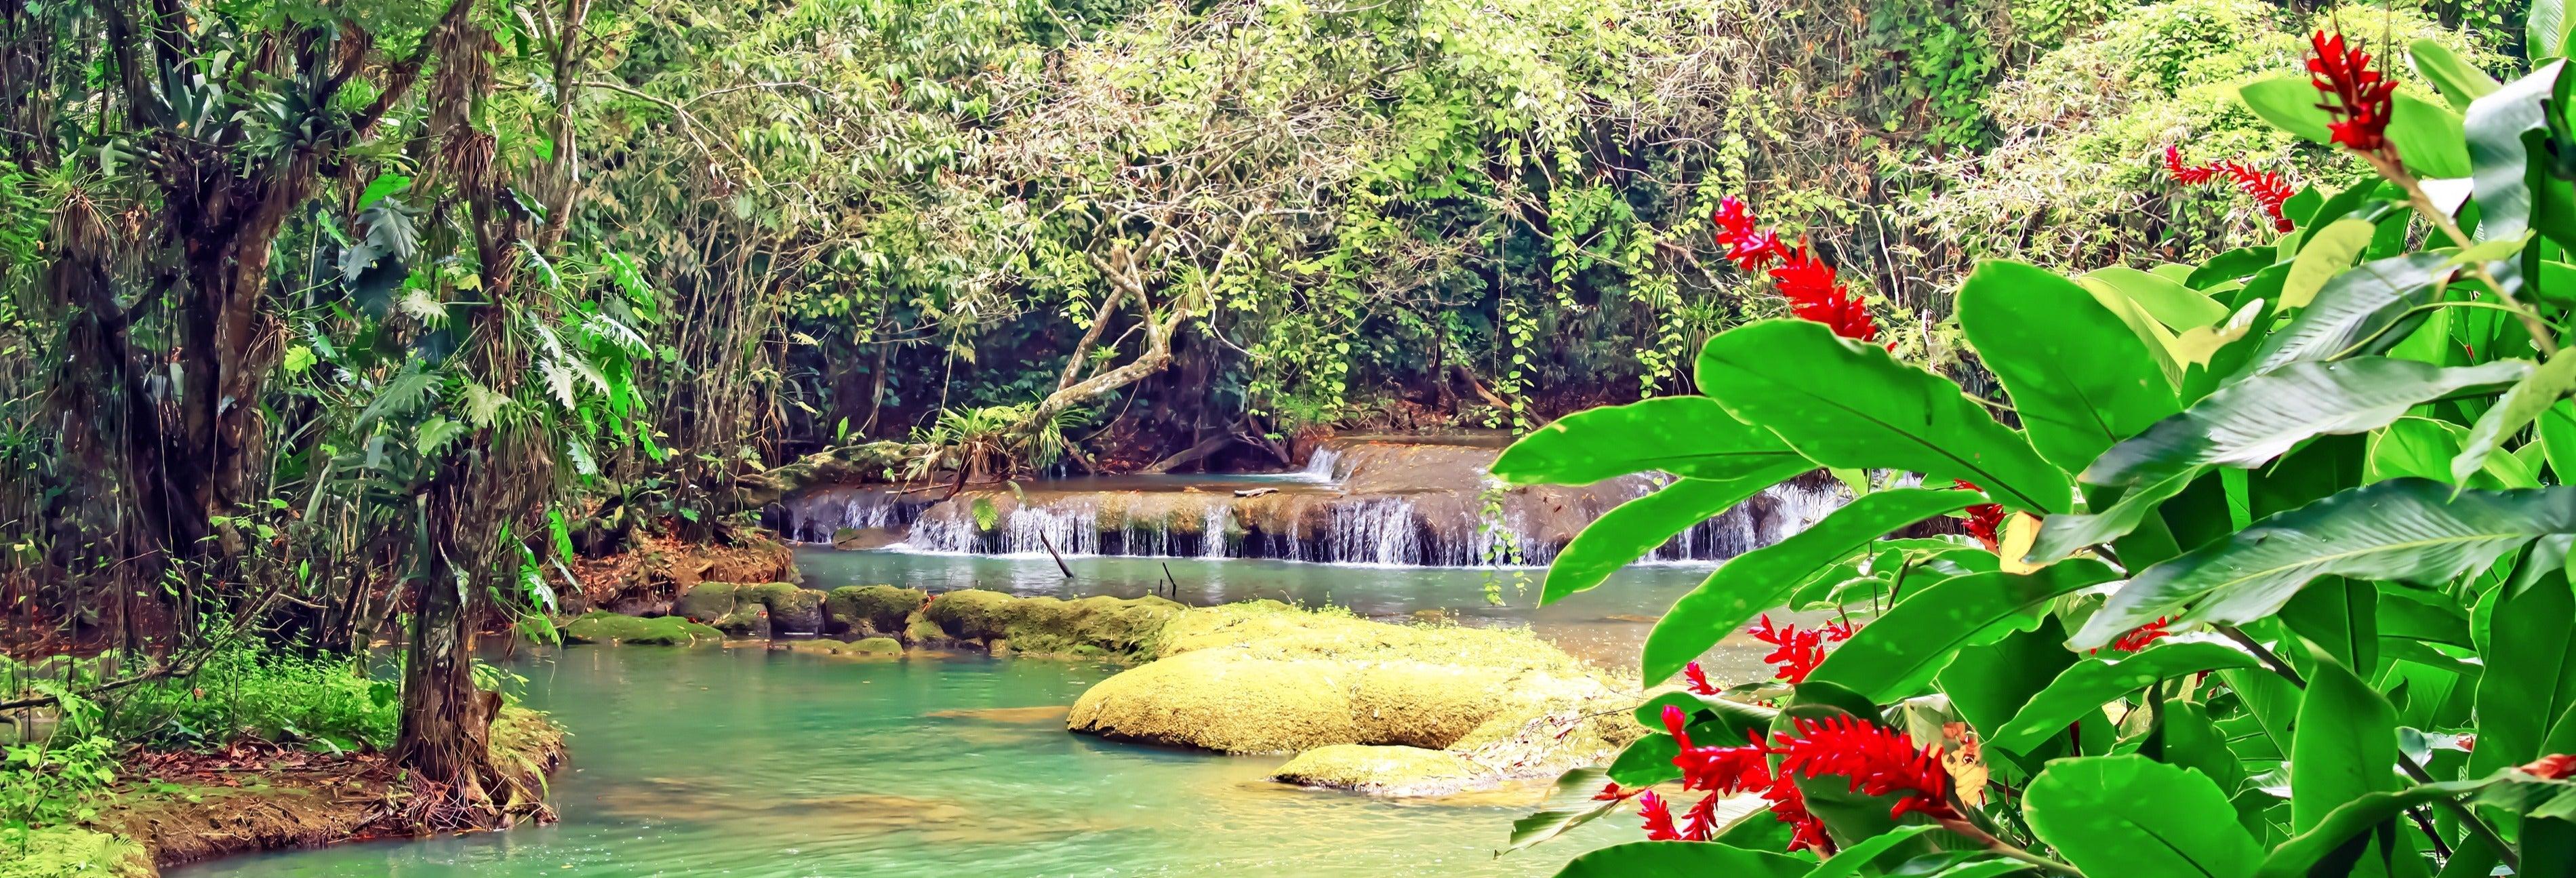 Excursão ao Rio Negro e Cataratas YS